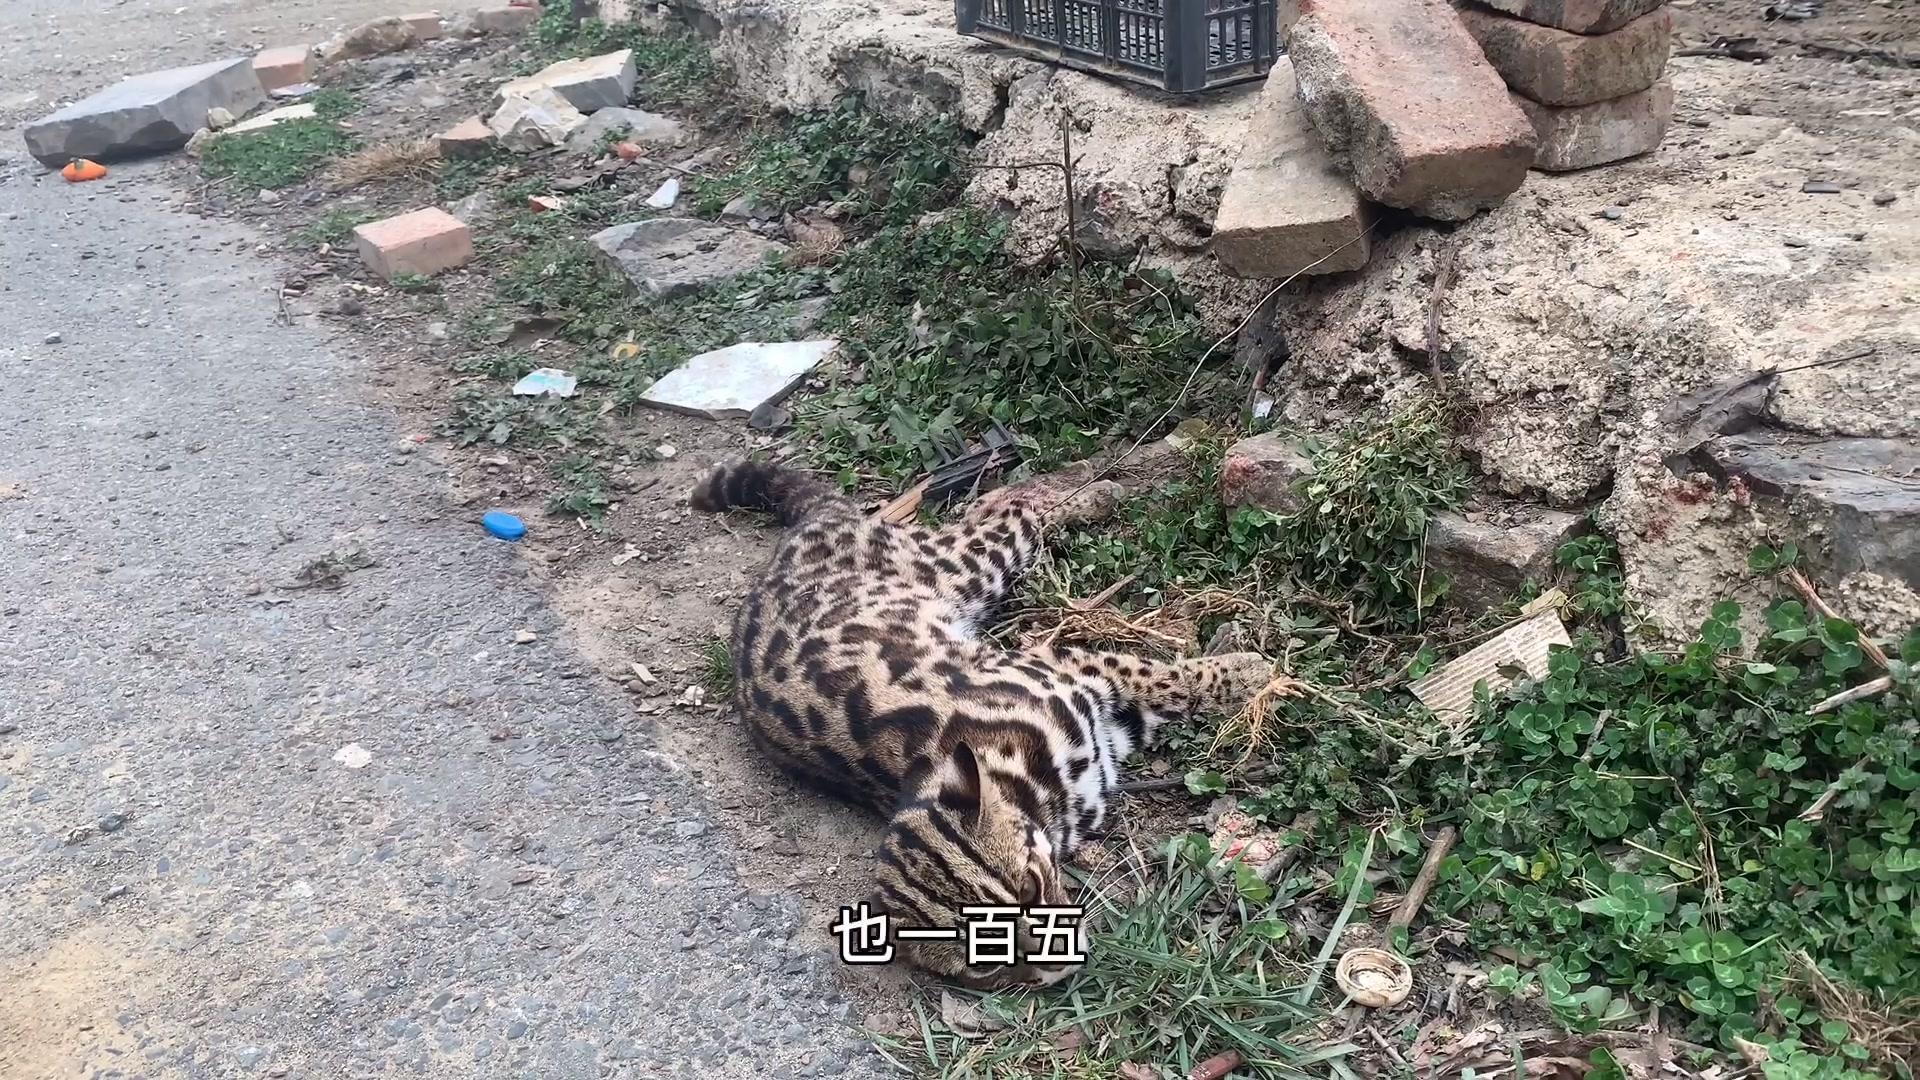 大山里的村民抓的野味,从来没见过的动物还有大猫,看看他咋说